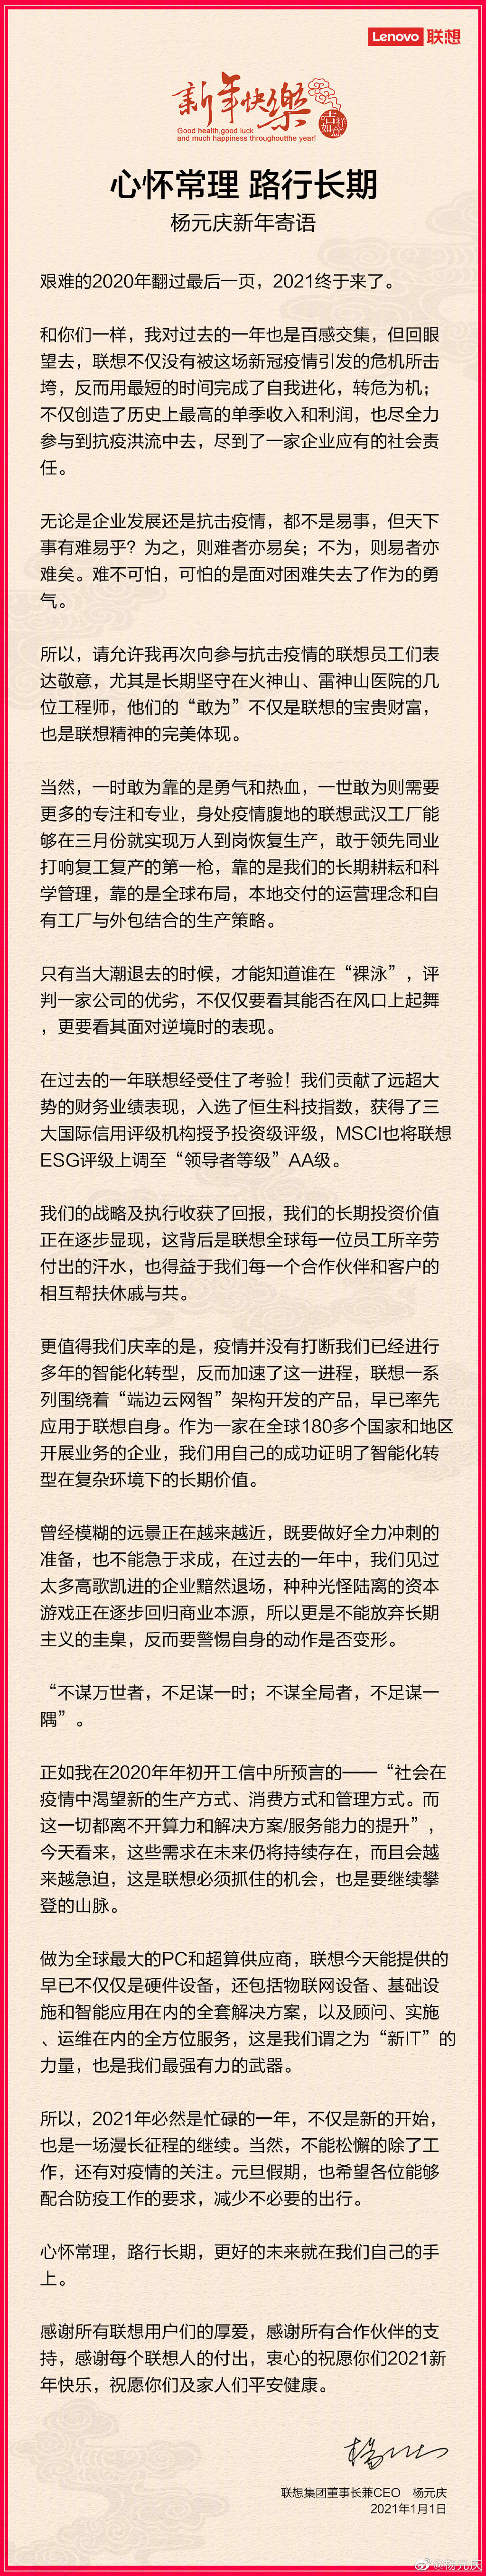 杨元庆:心怀常理 路行长期-玩懂手机网 - 玩懂手机第一手的手机资讯网(www.wdshouji.com)